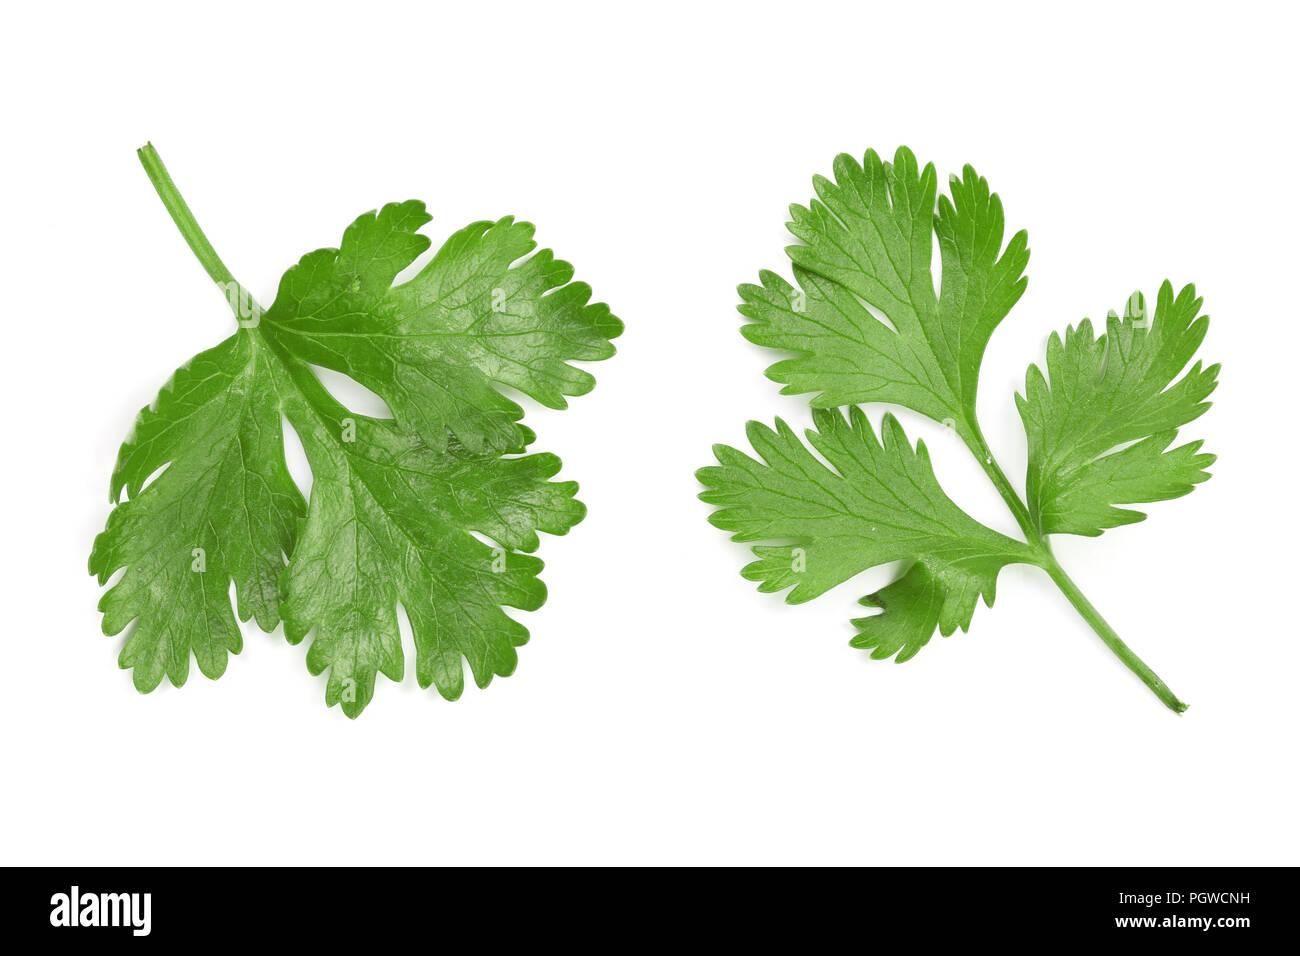 Il coriandolo o foglie di coriandolo isolati su sfondo bianco. Vista dall'alto. Piatto modello di laici Immagini Stock